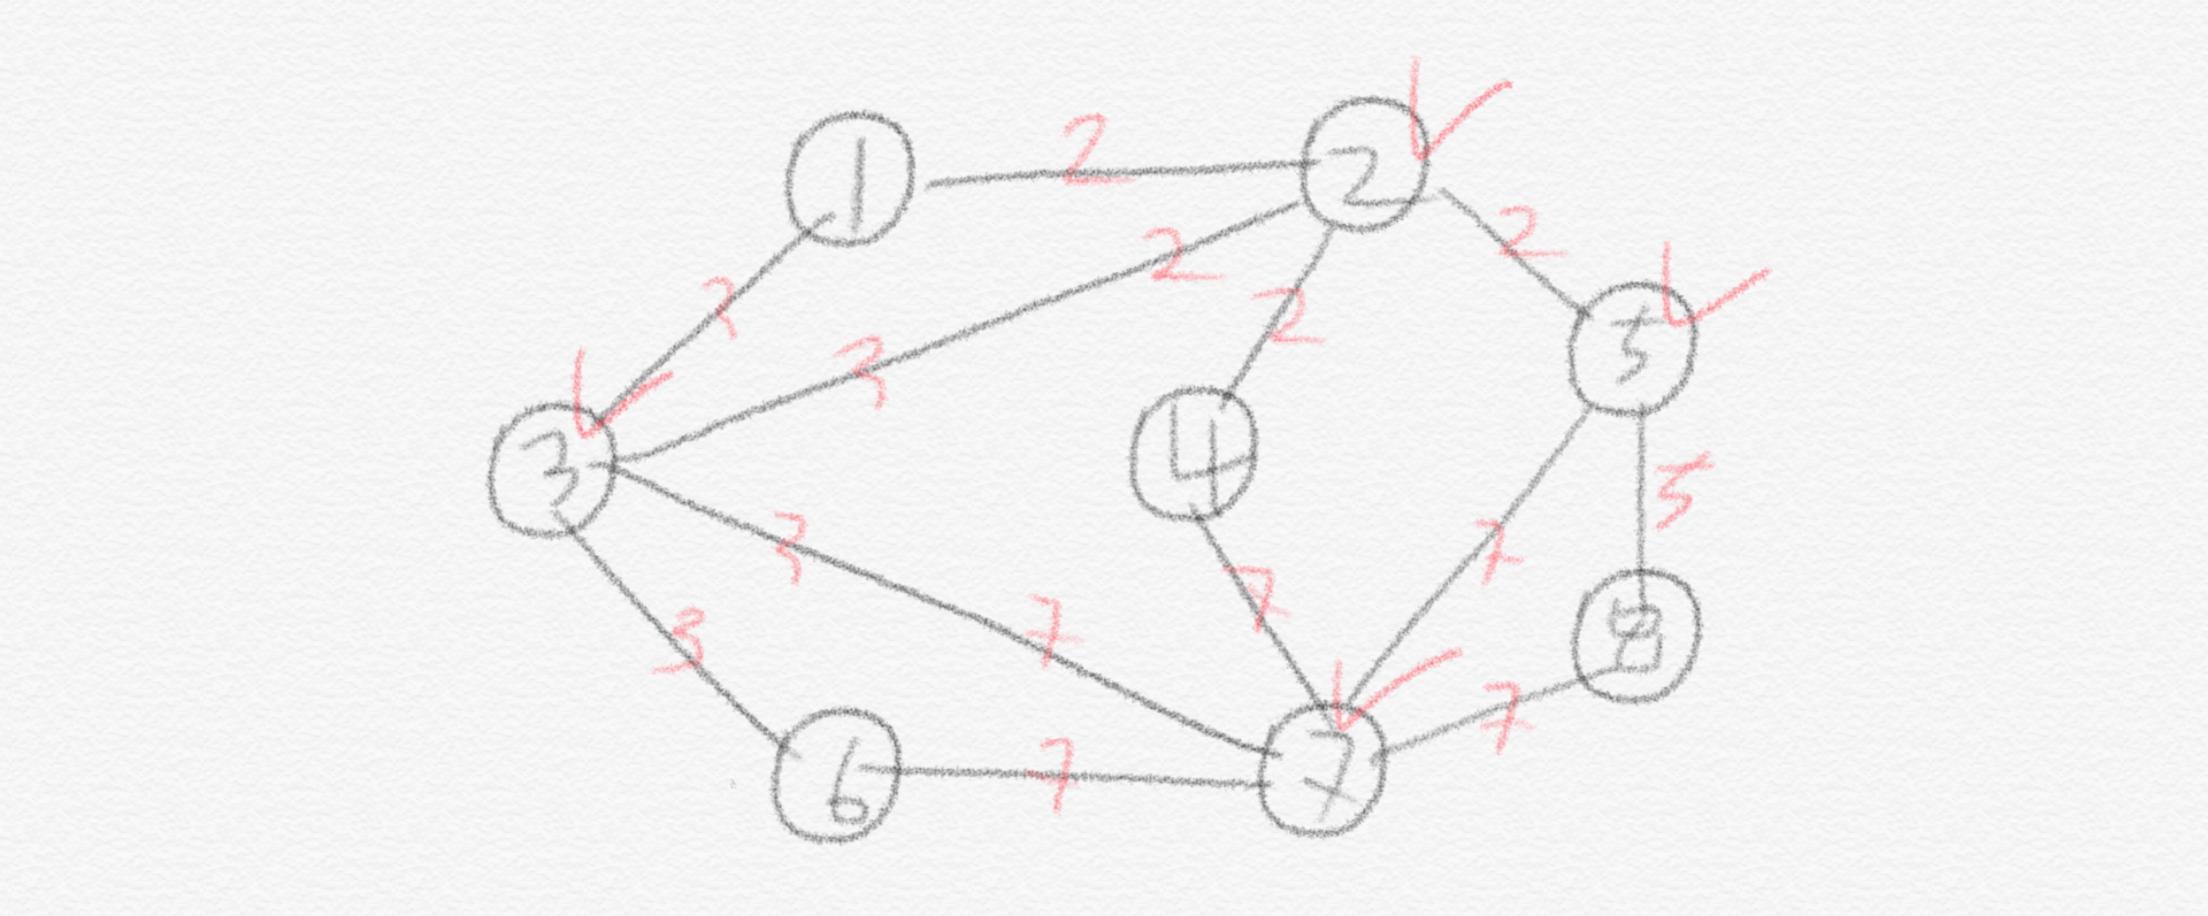 vertex cover example